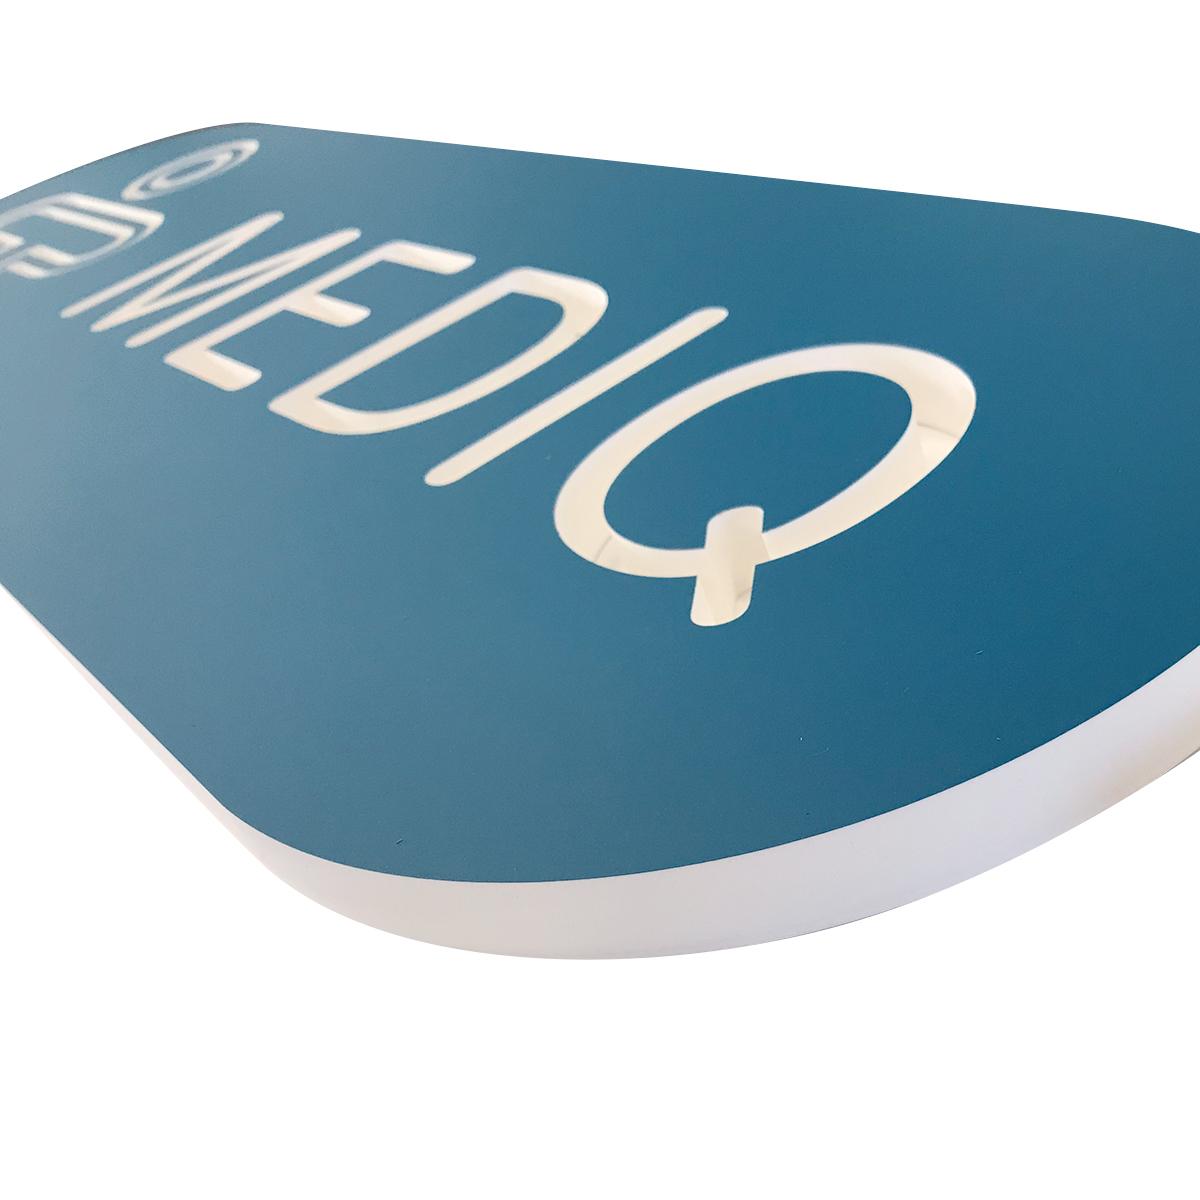 Freesletters Mediq Medeco